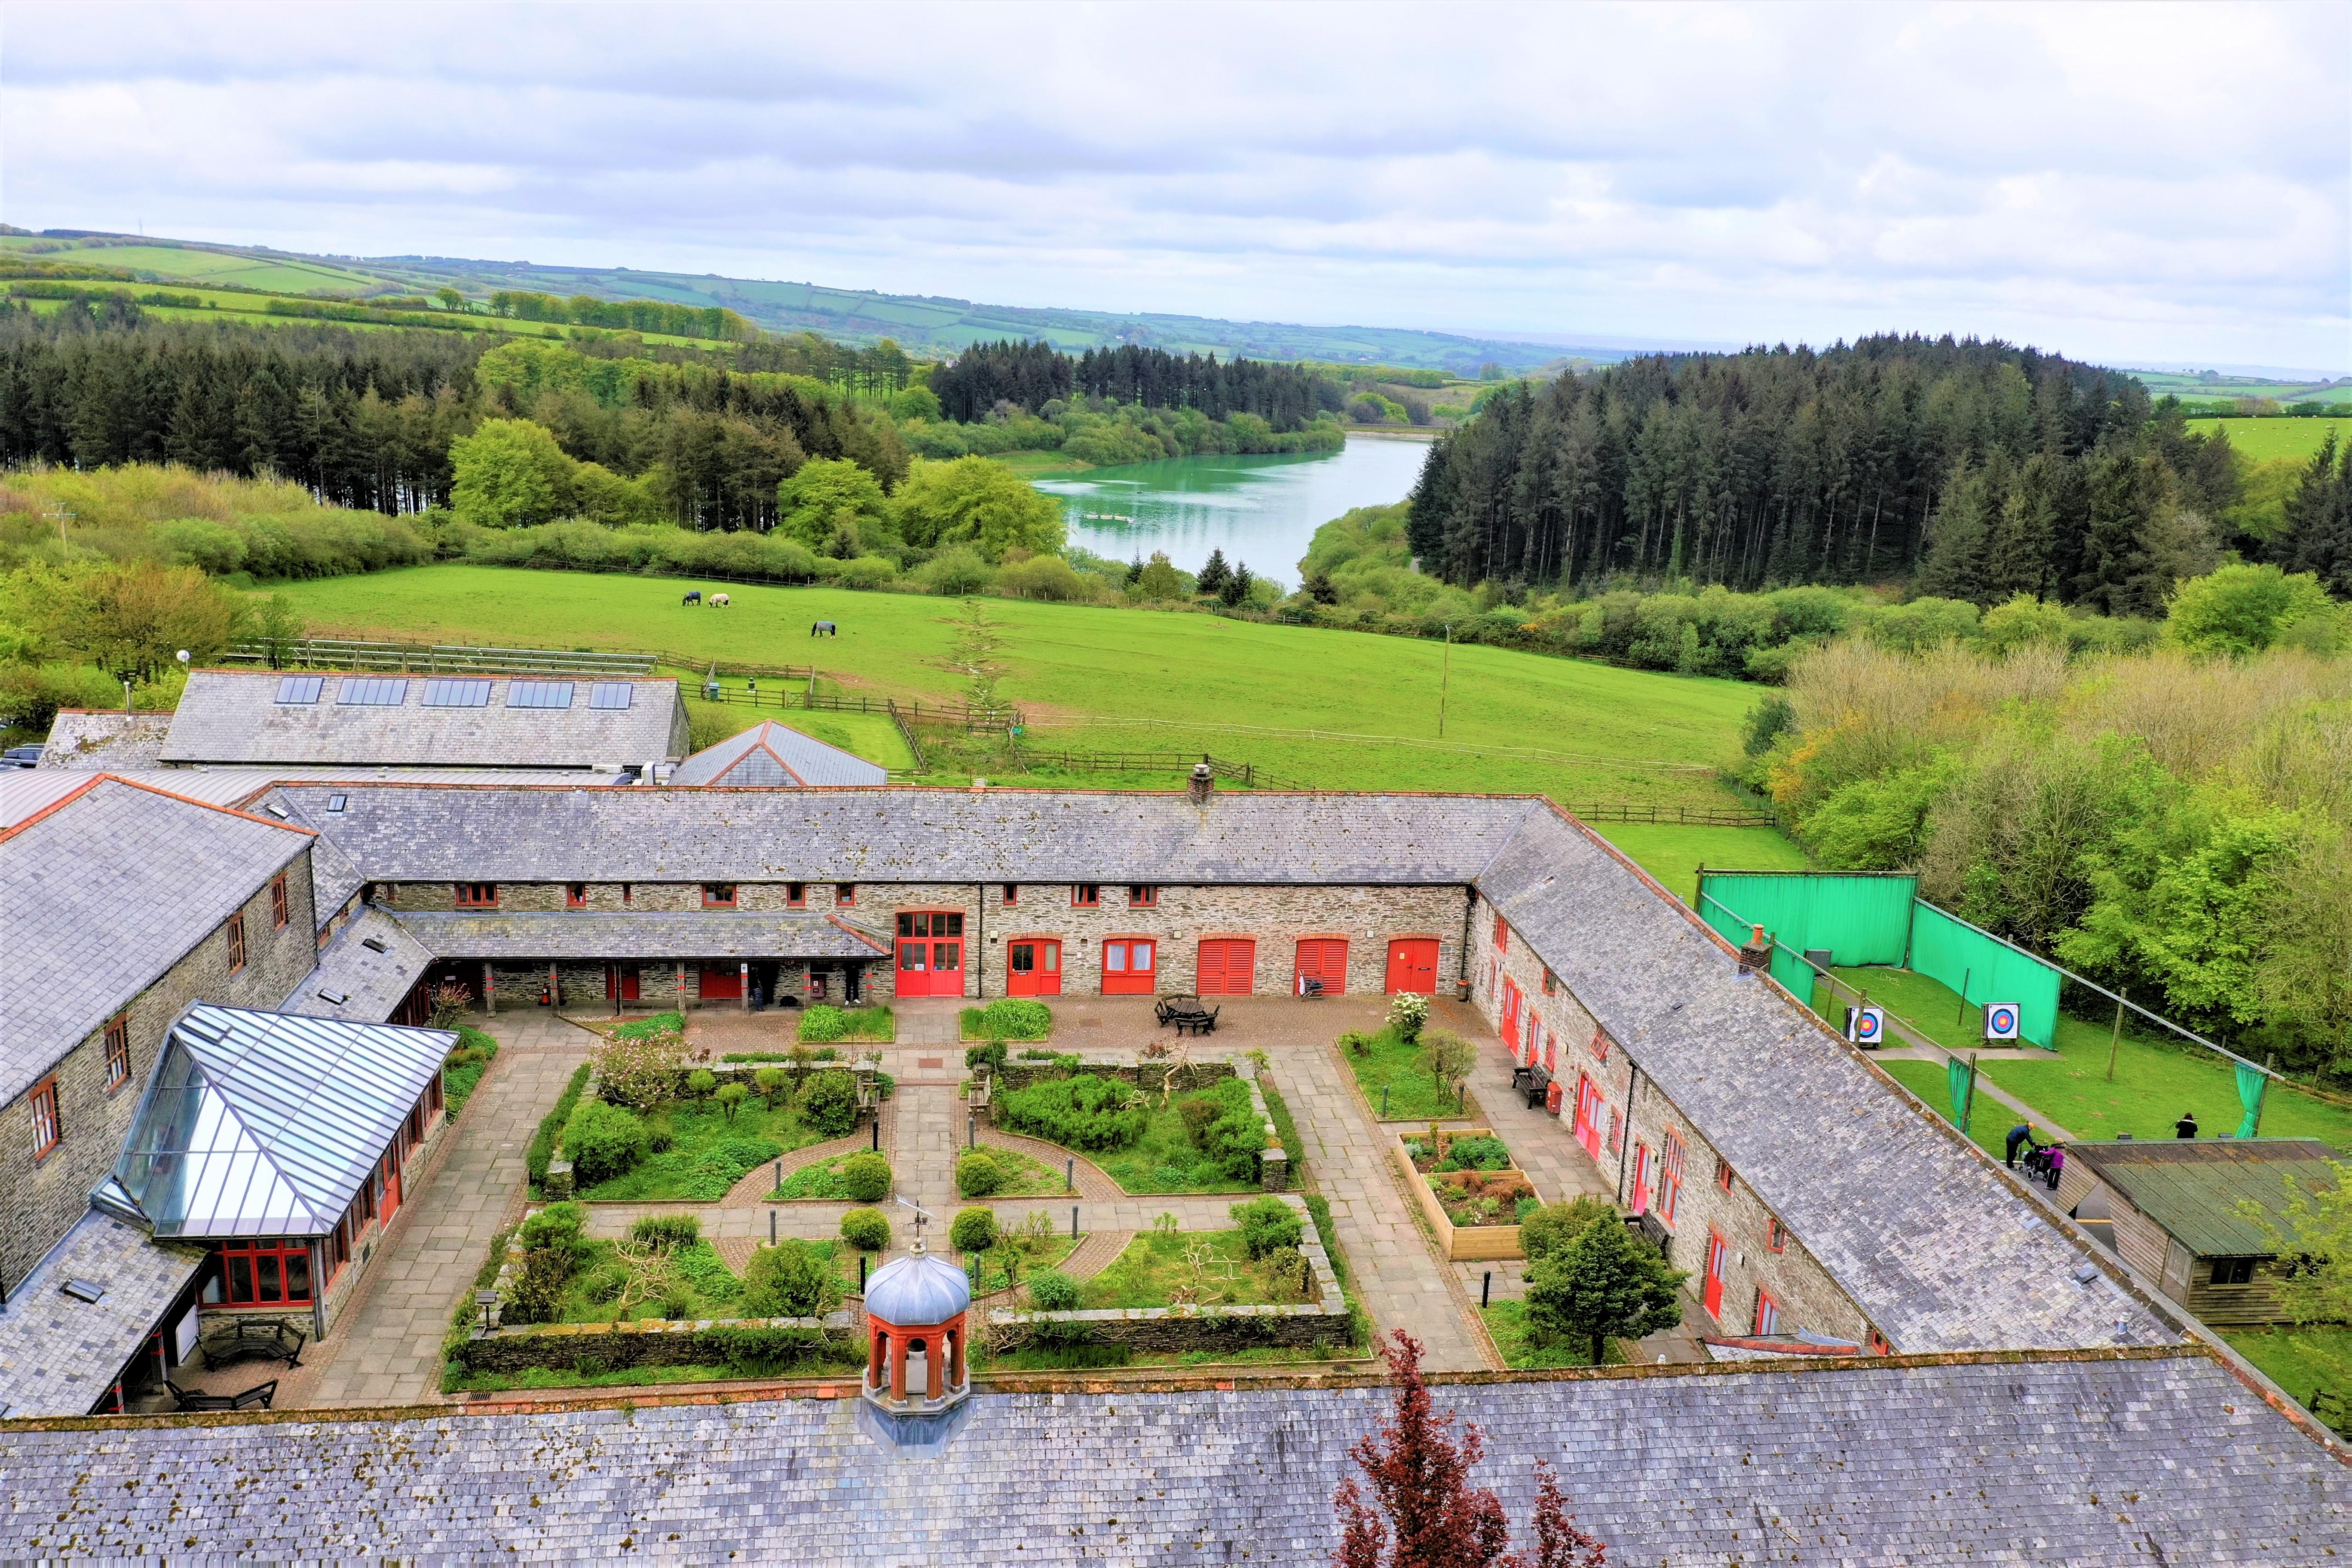 An aerial view of Calvert Trust